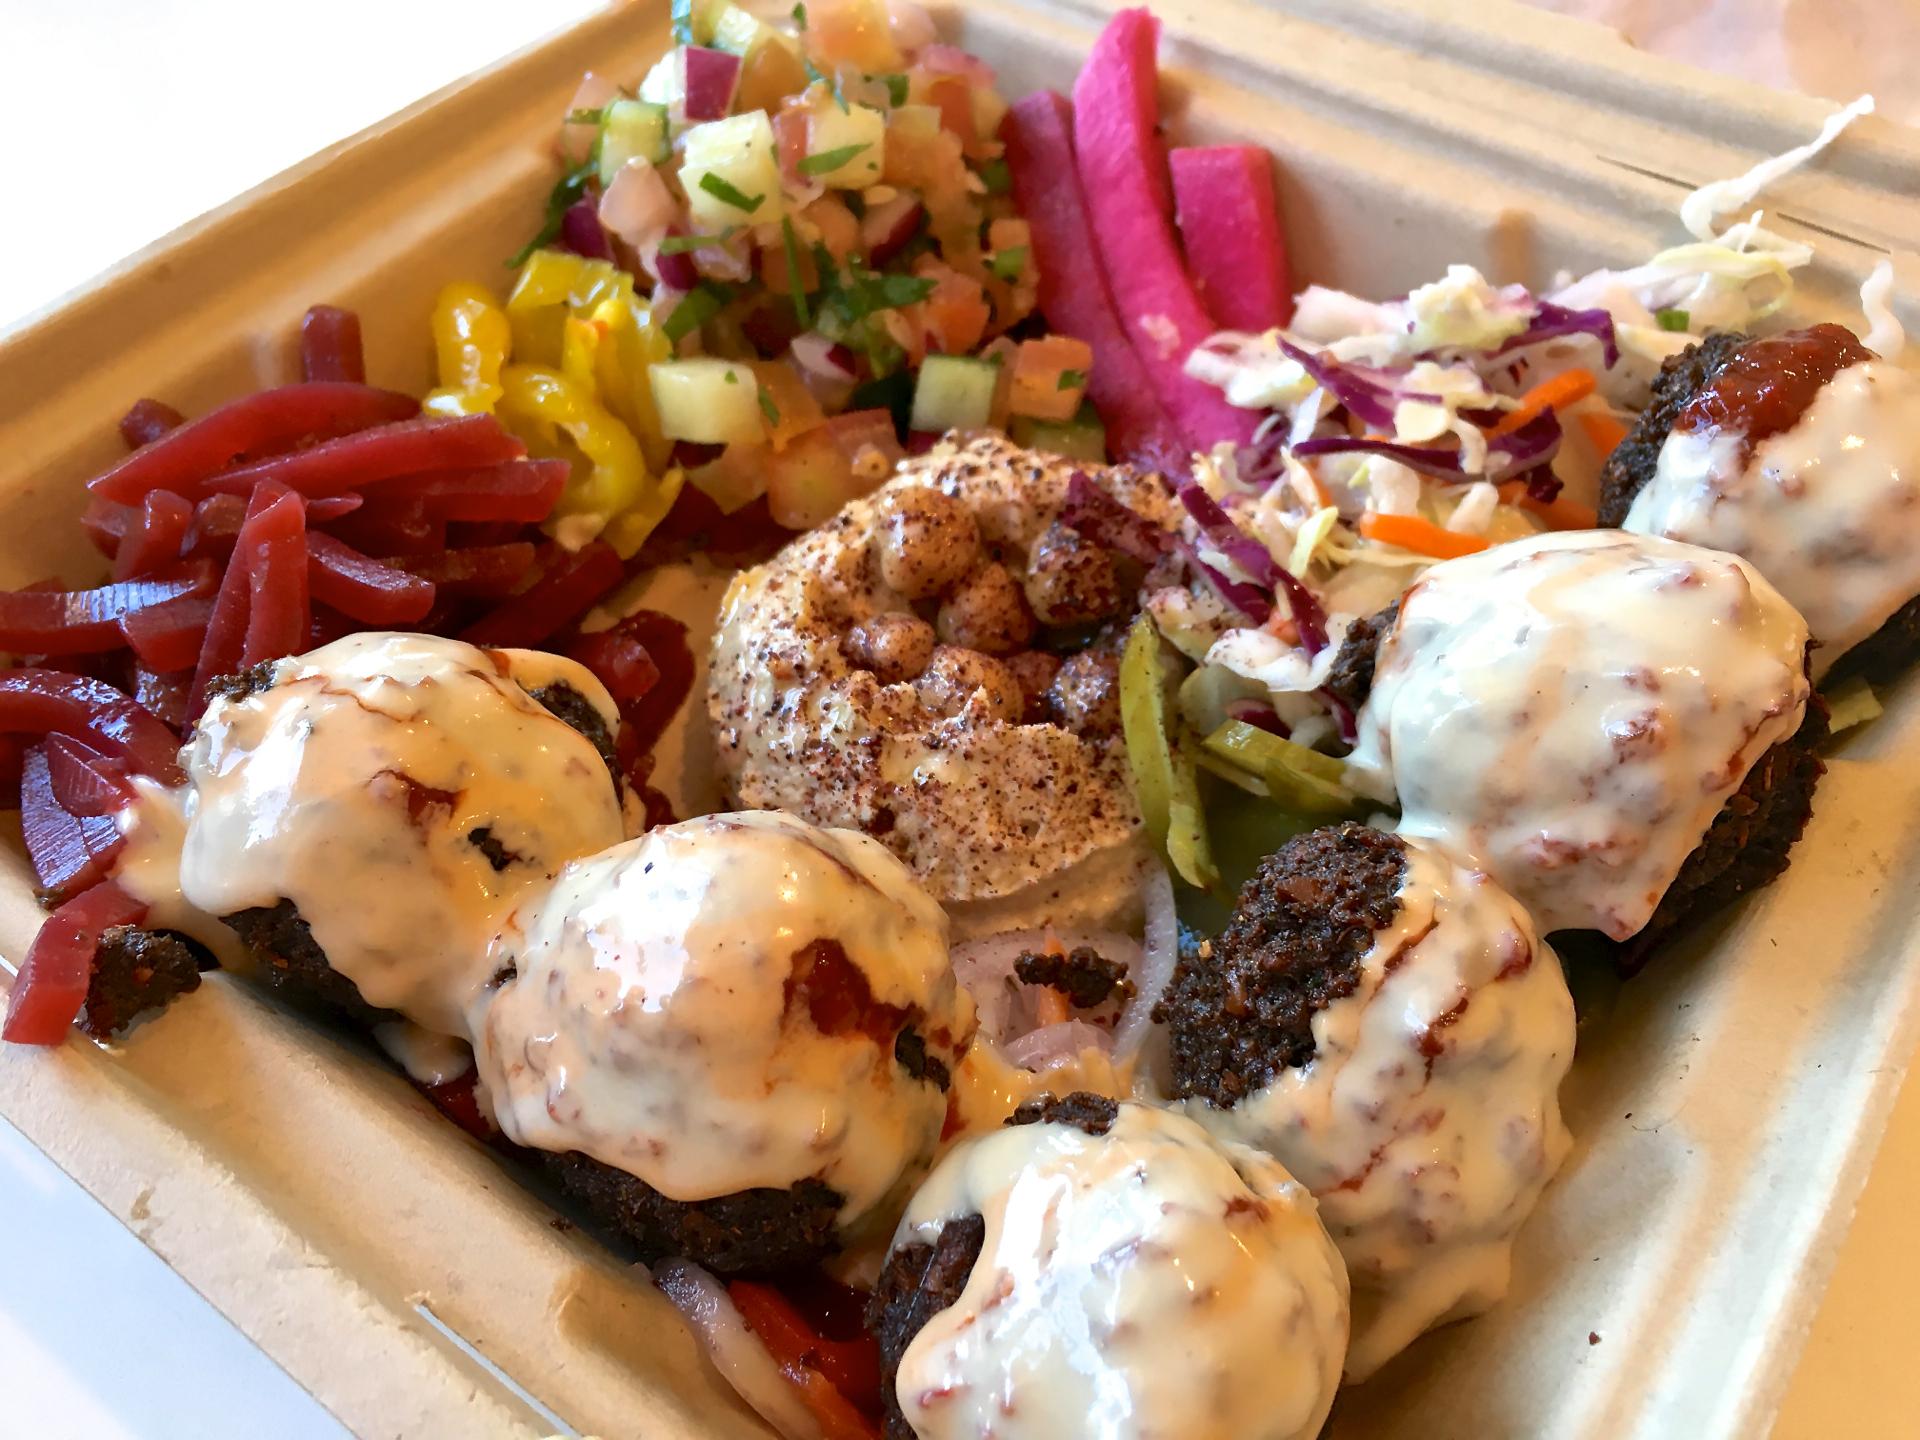 A falafel plate at Falafelle.